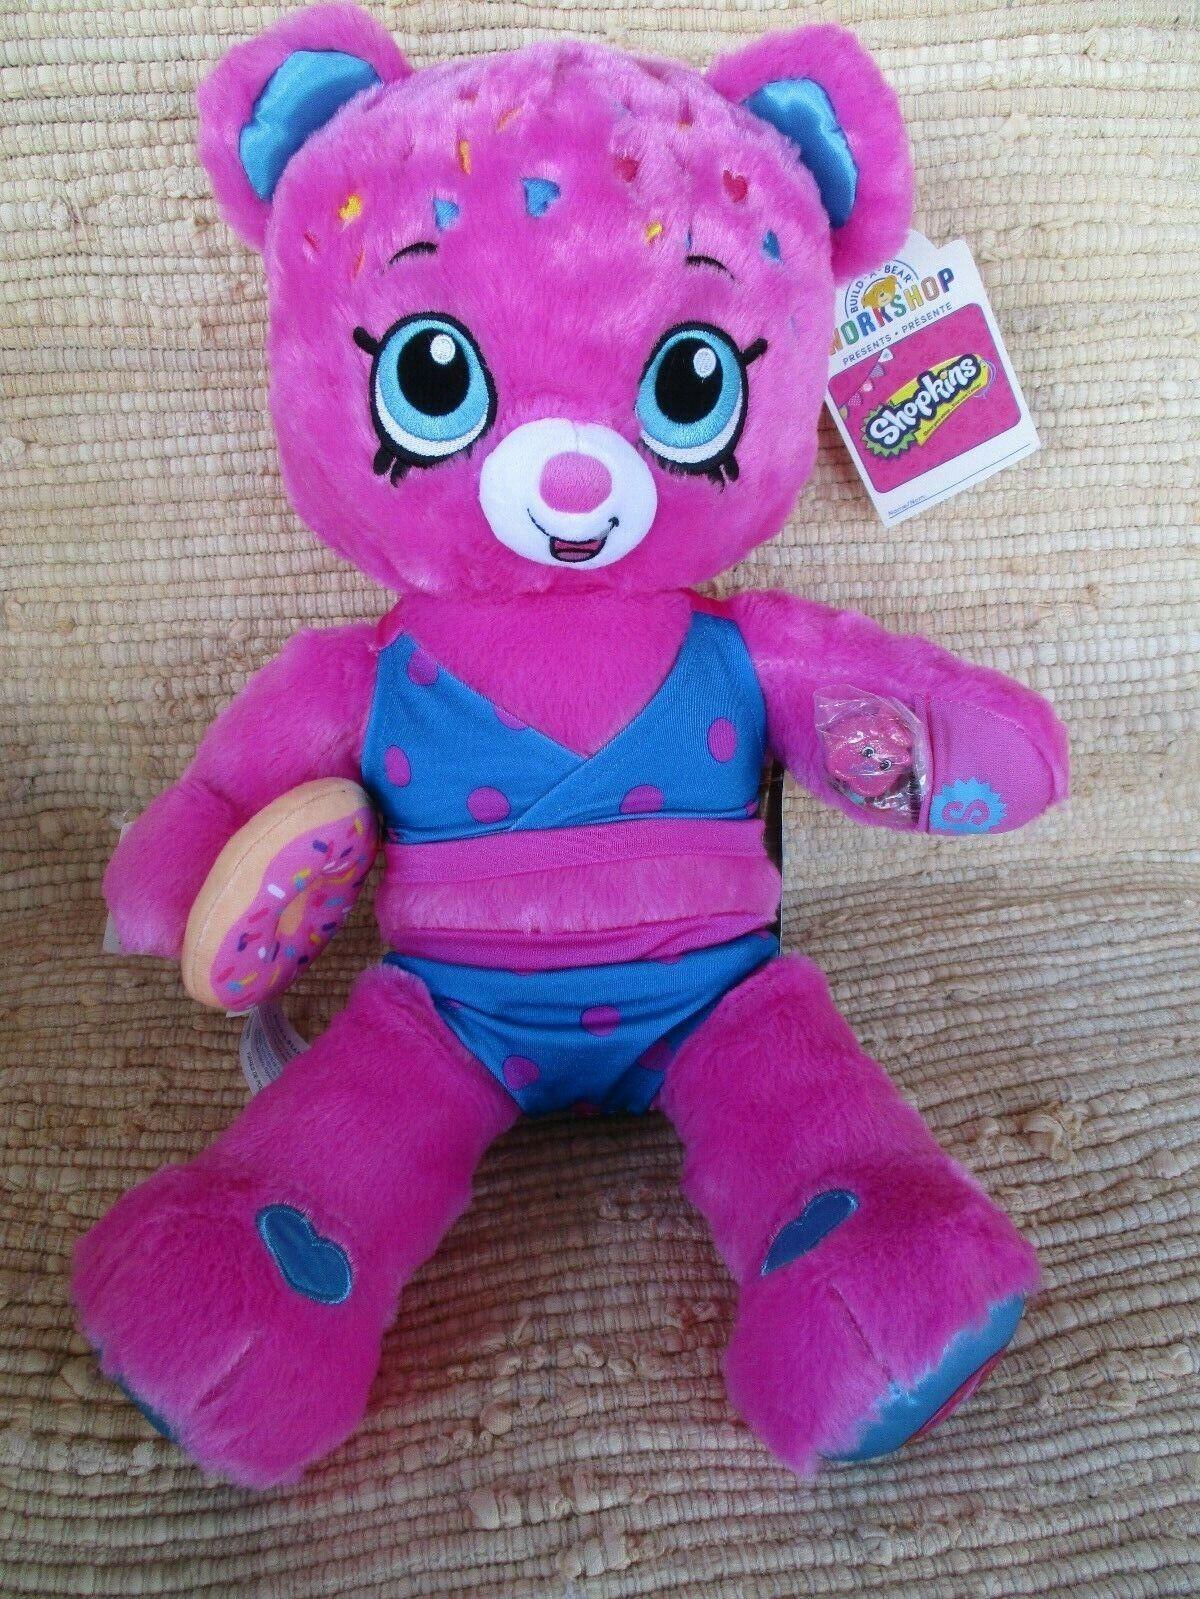 BABW Shopkins Sprinkle D'lish Donut Bear 18 Stuffed Pink-Bikini,ToyDonut Wristie